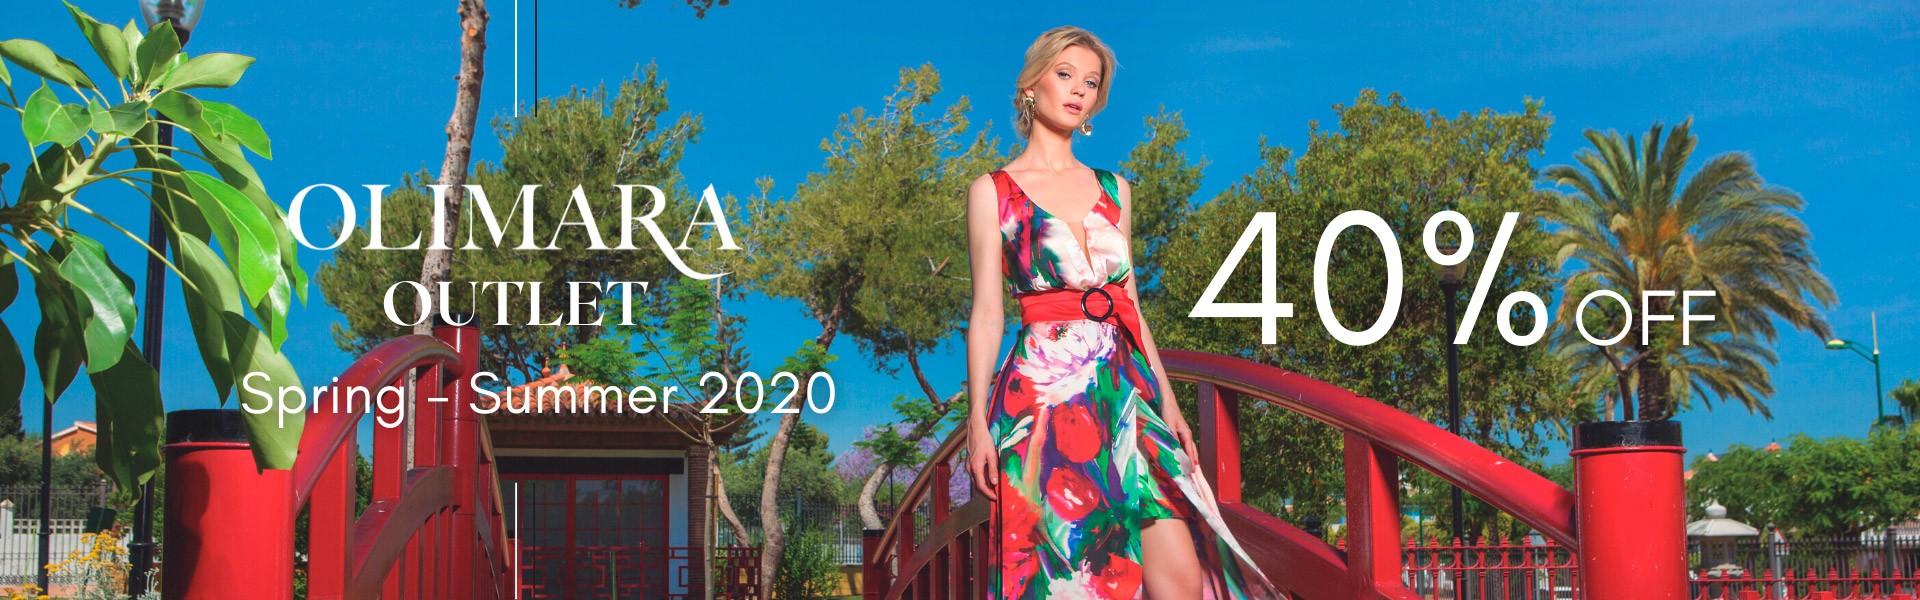 Spring - Summer 2020